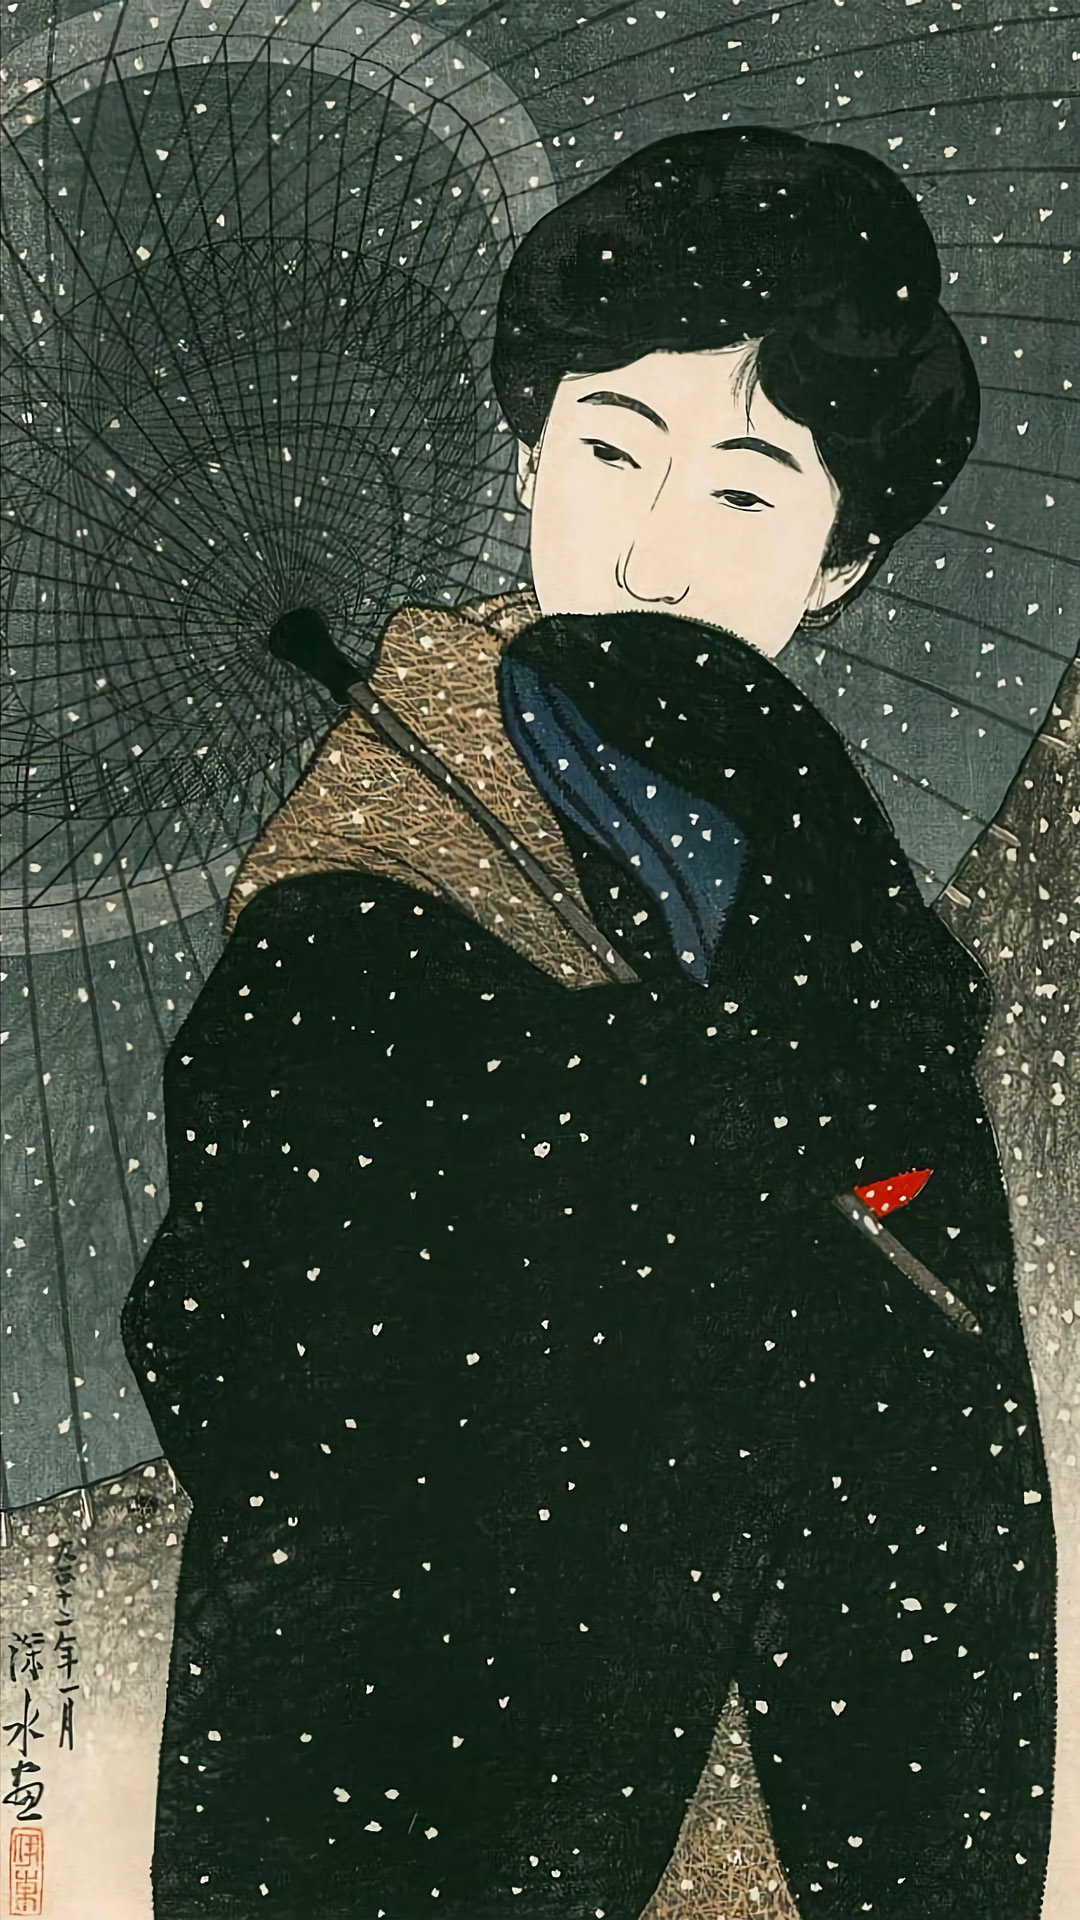 Ito Shinsui - Yoru no yuki 1080x1920